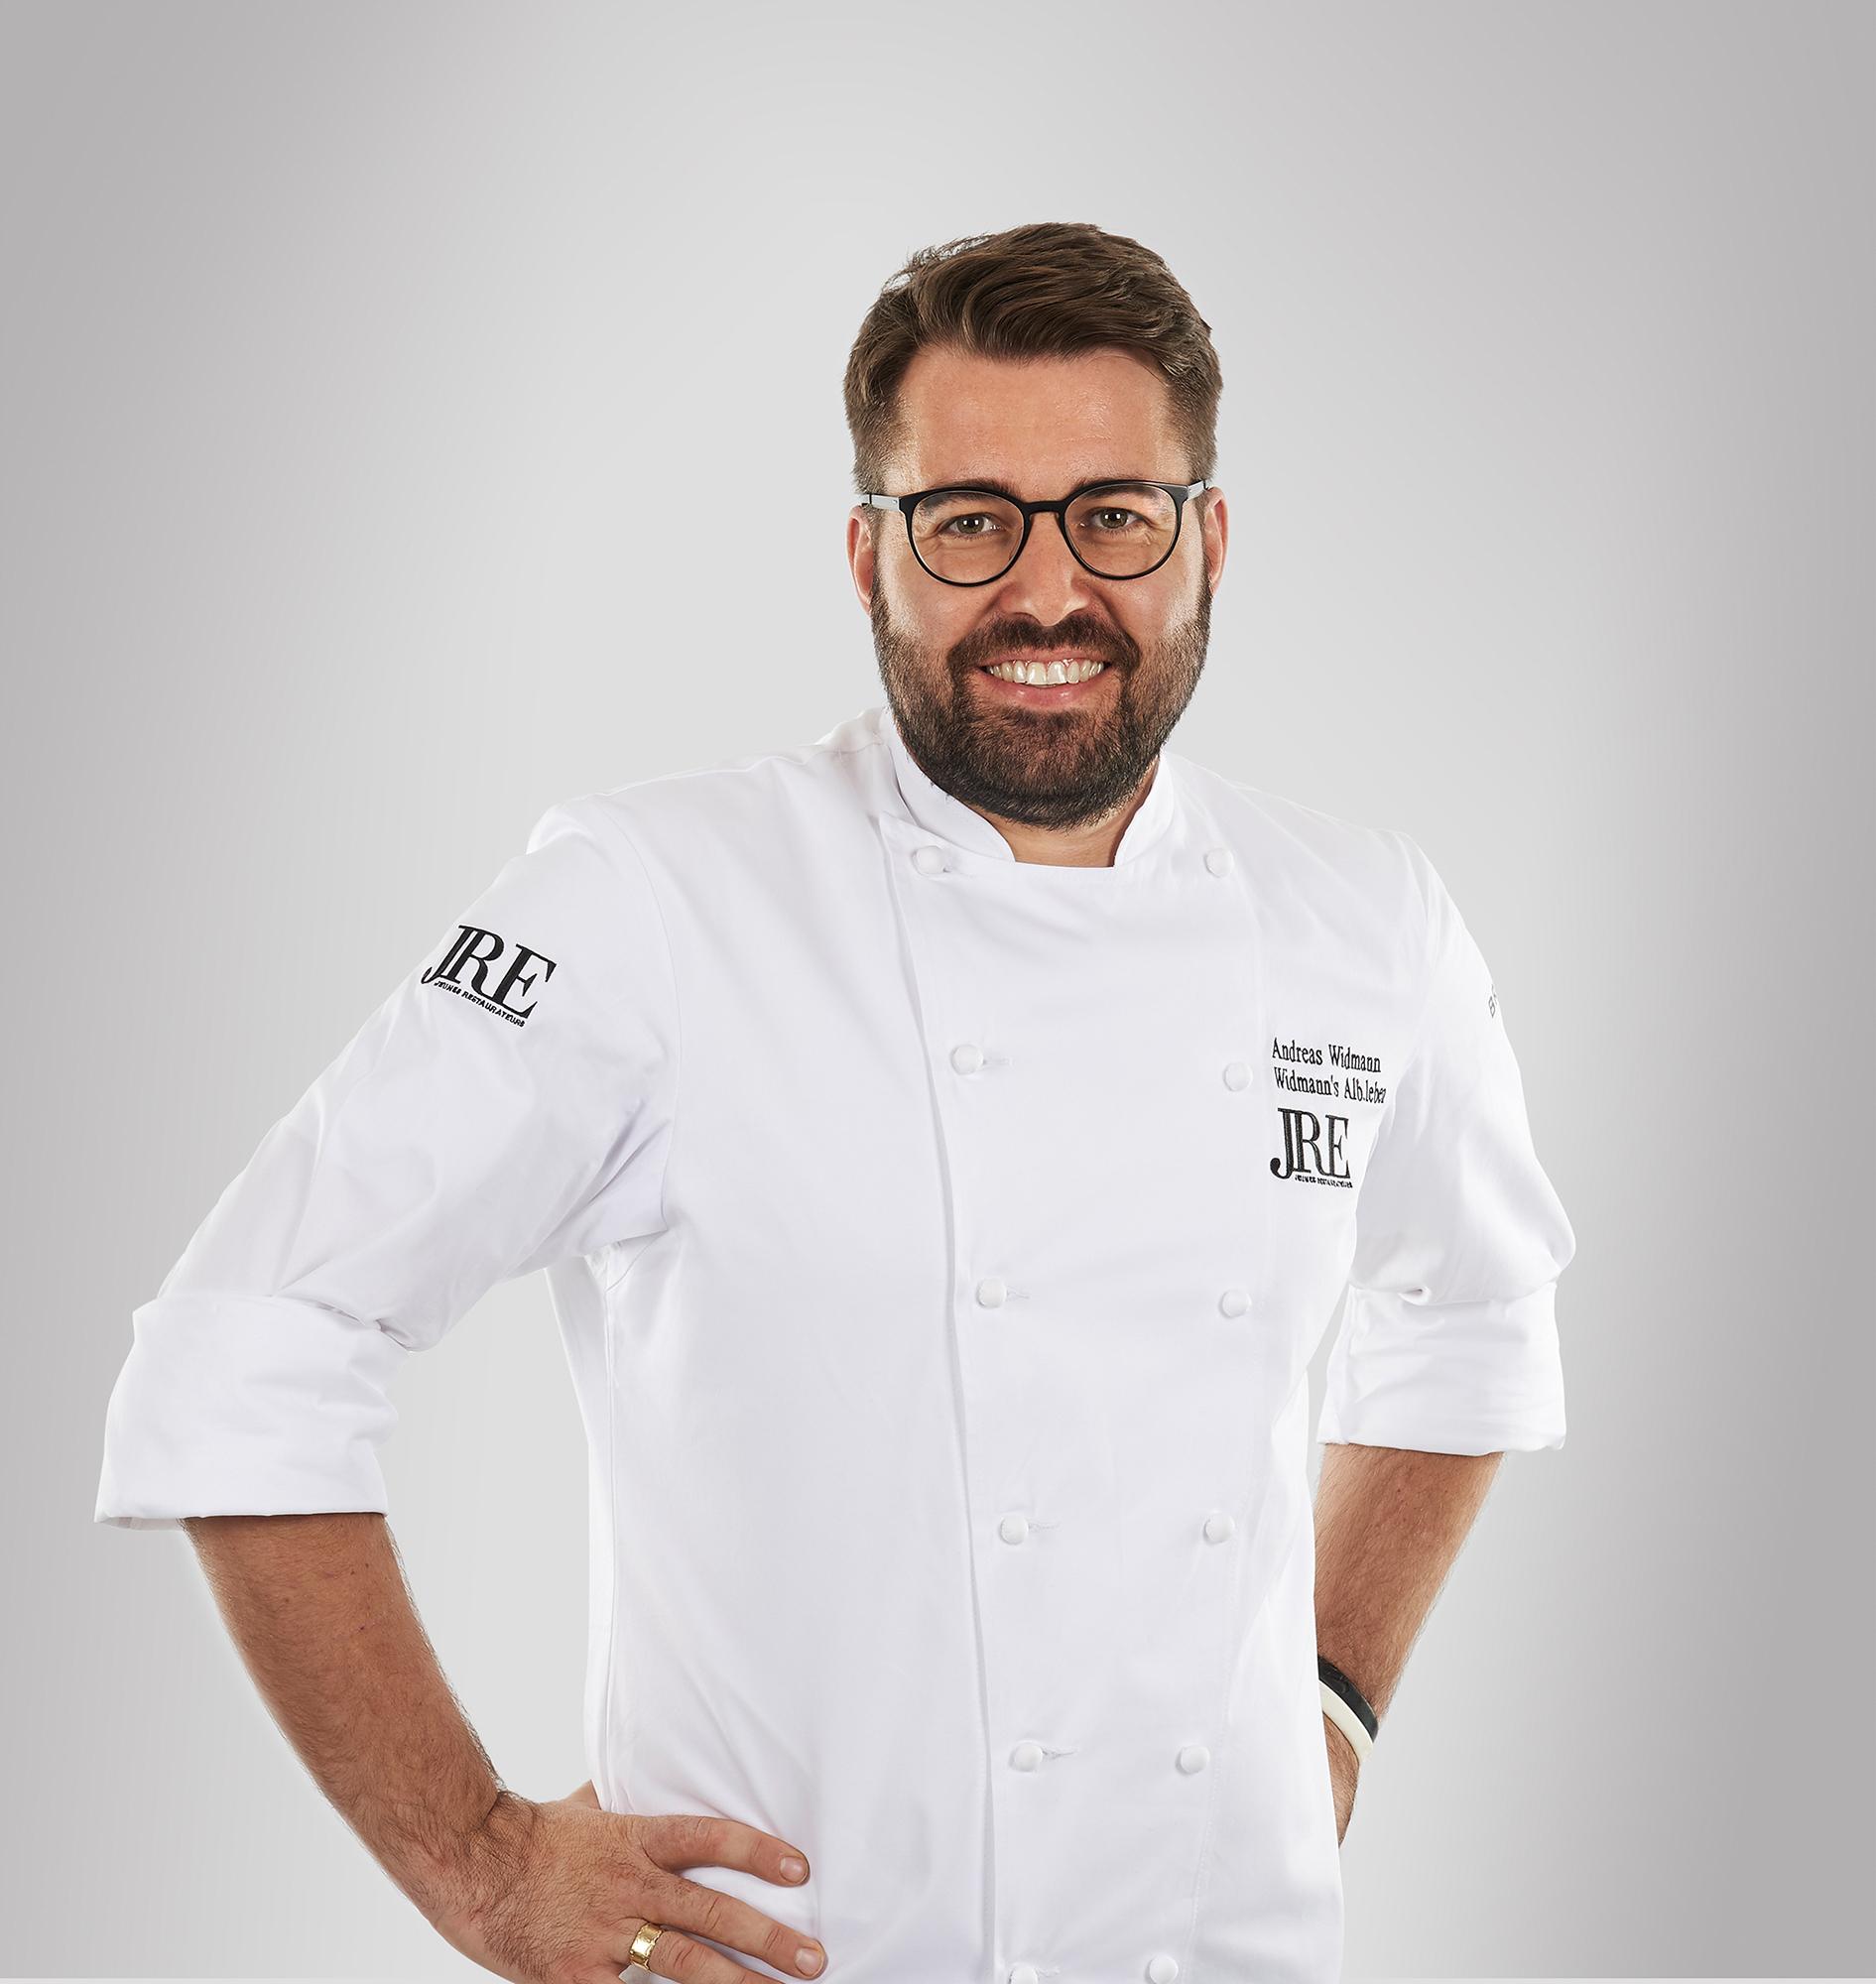 Andreas Widmann - Sternekoch und Gastronom